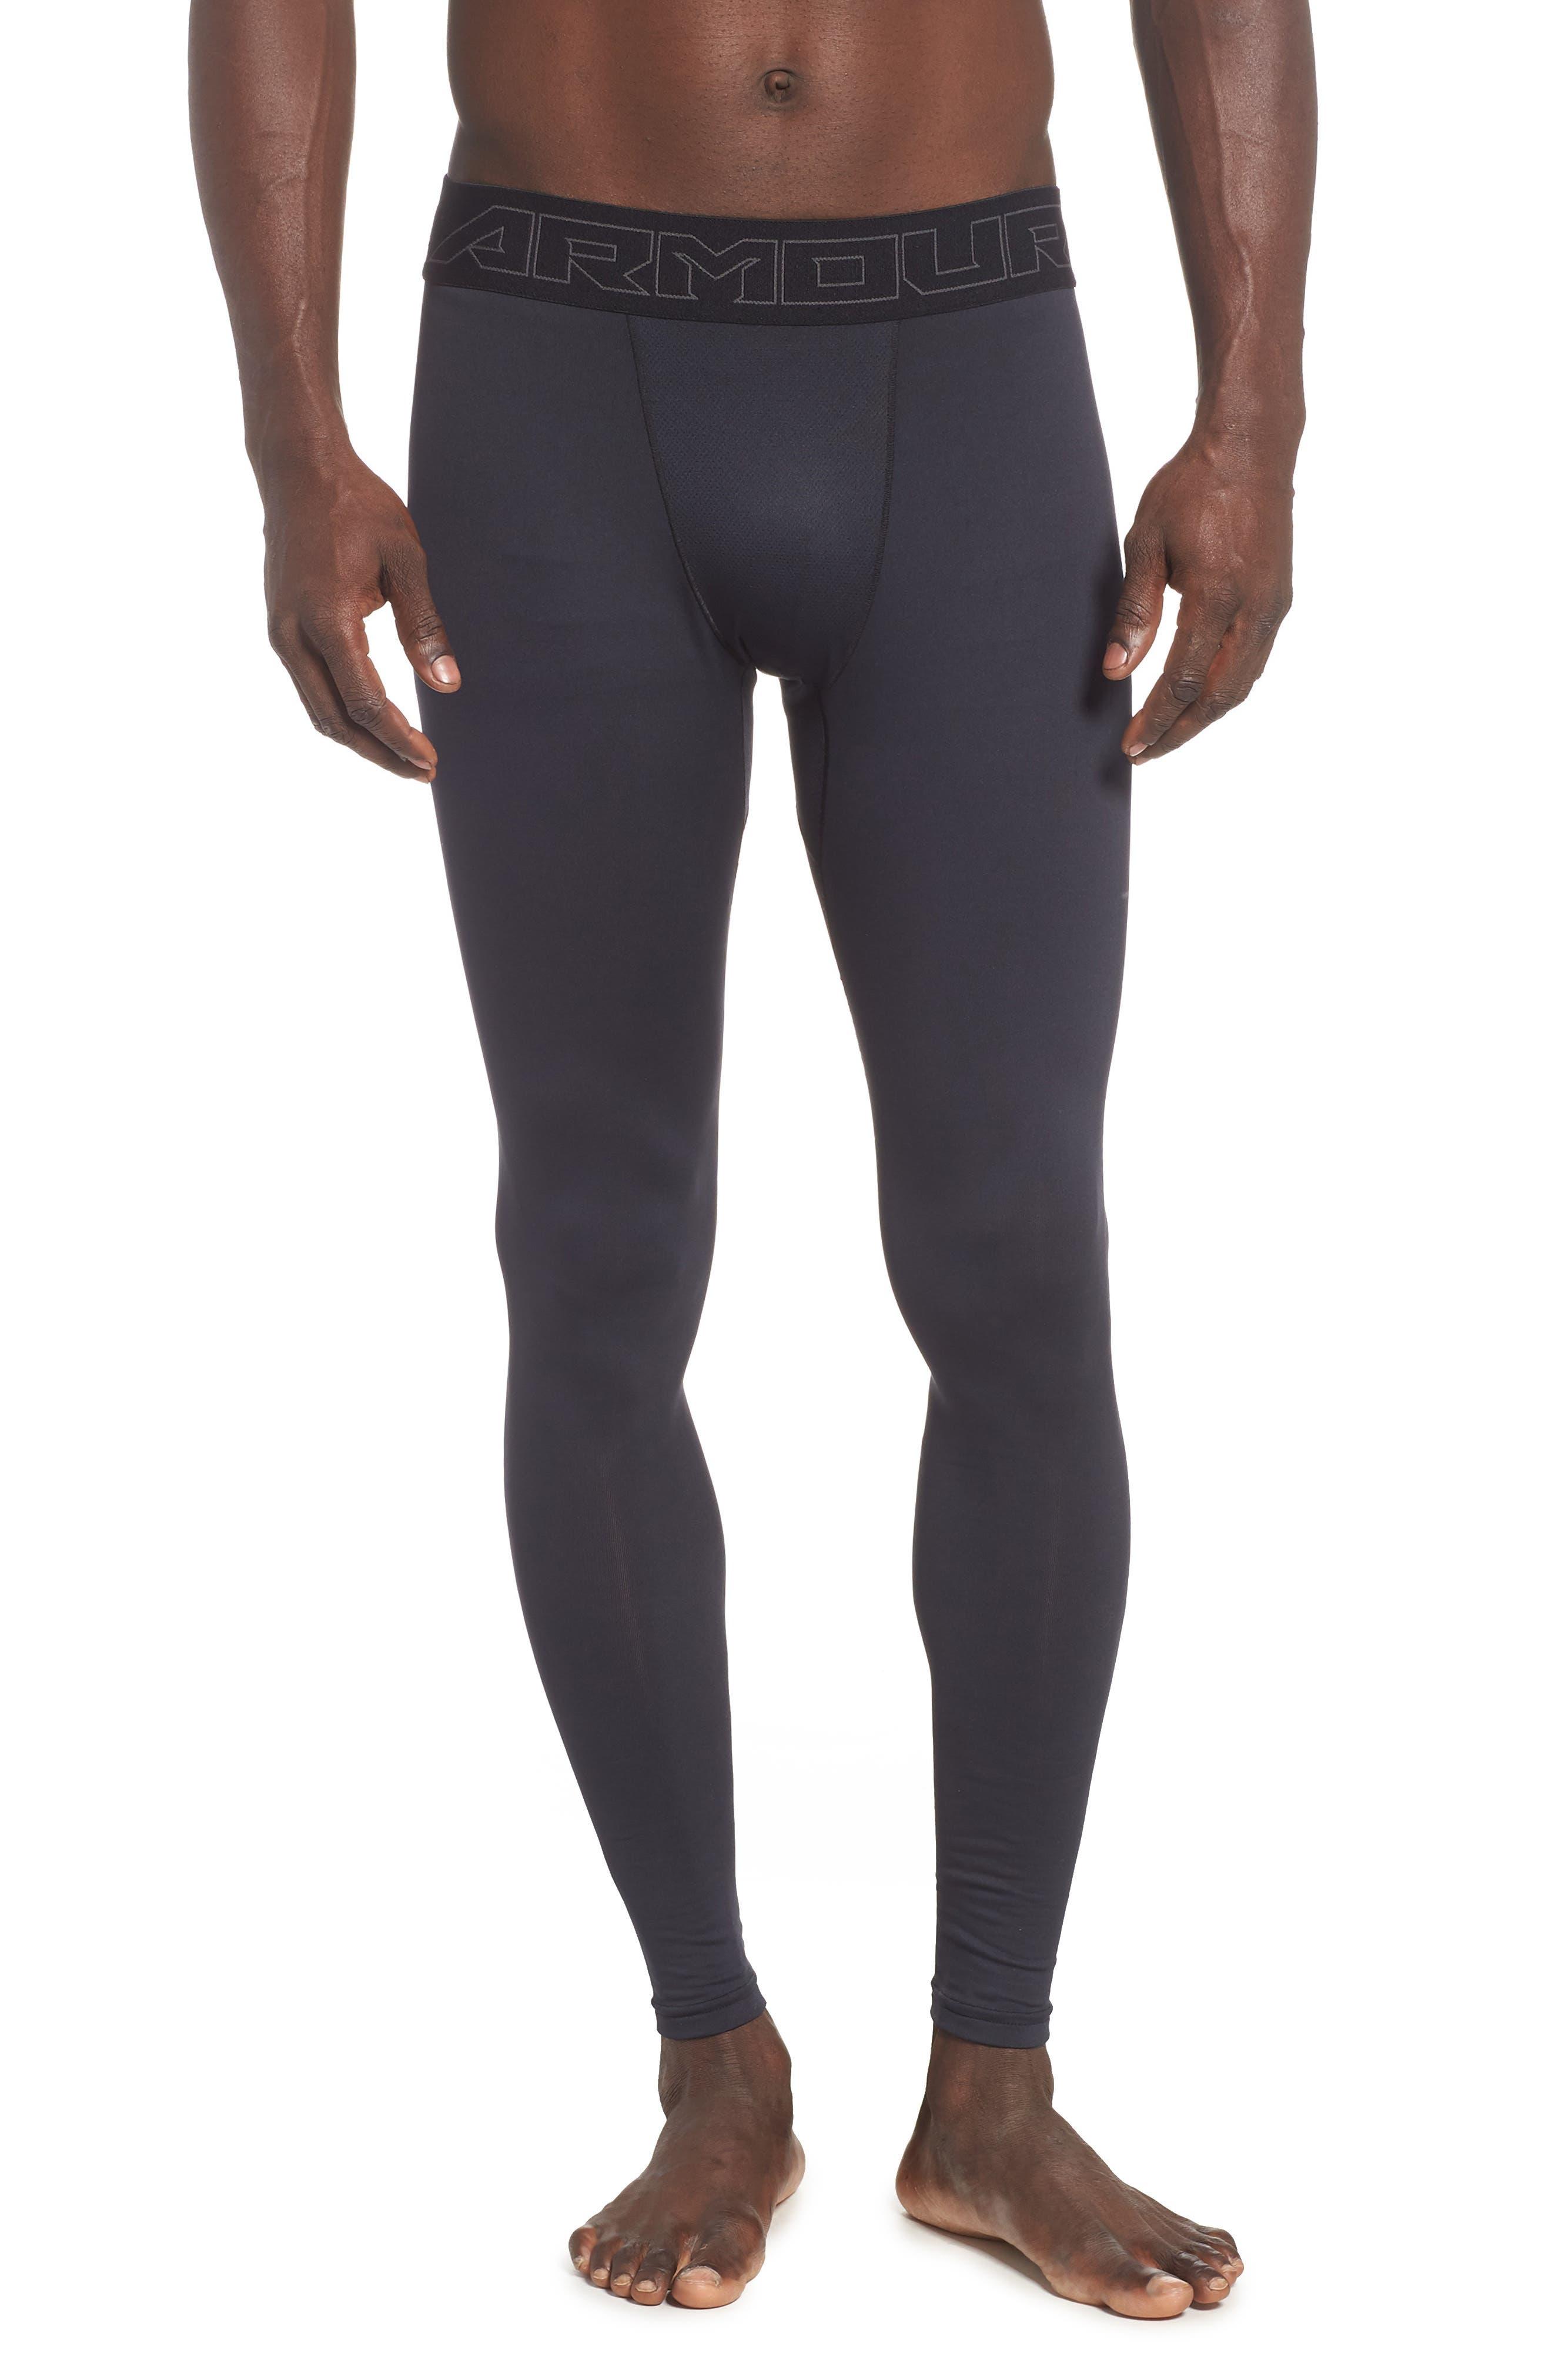 ColdGear<sup>®</sup> Leggings,                         Main,                         color, BLACK/ CHARCOAL